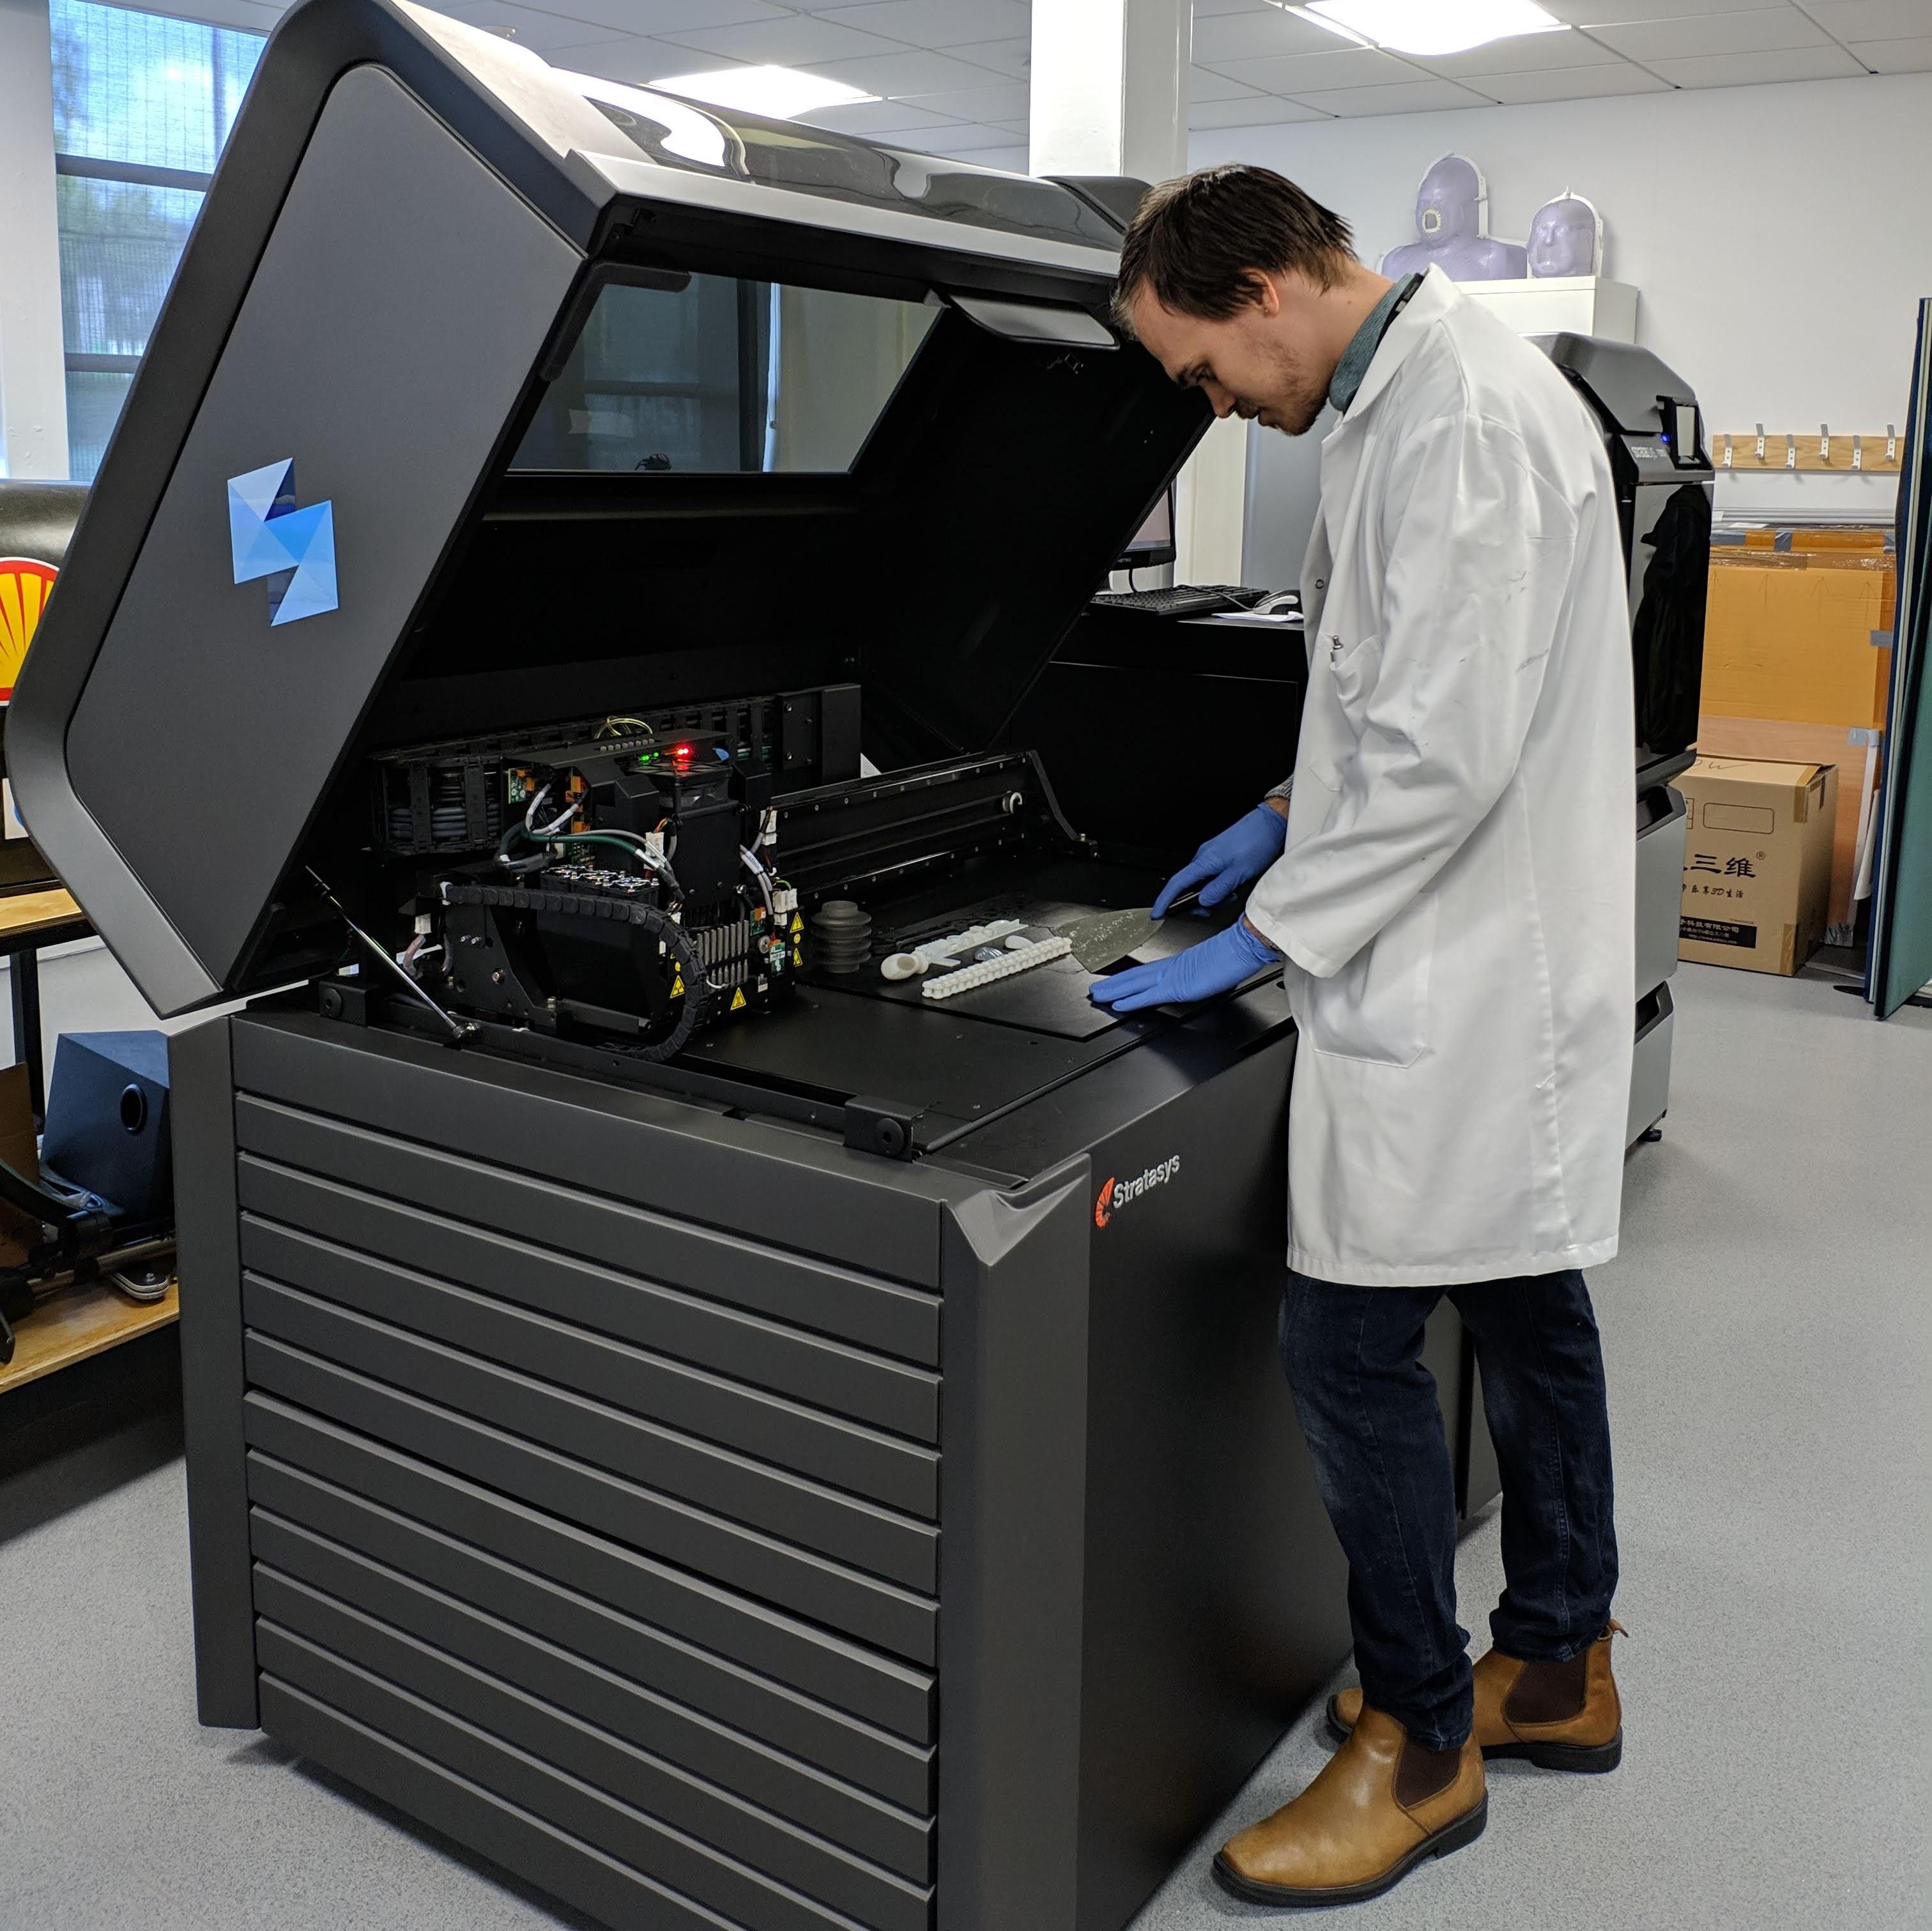 3D printing facilities at University of Suffolk (4)